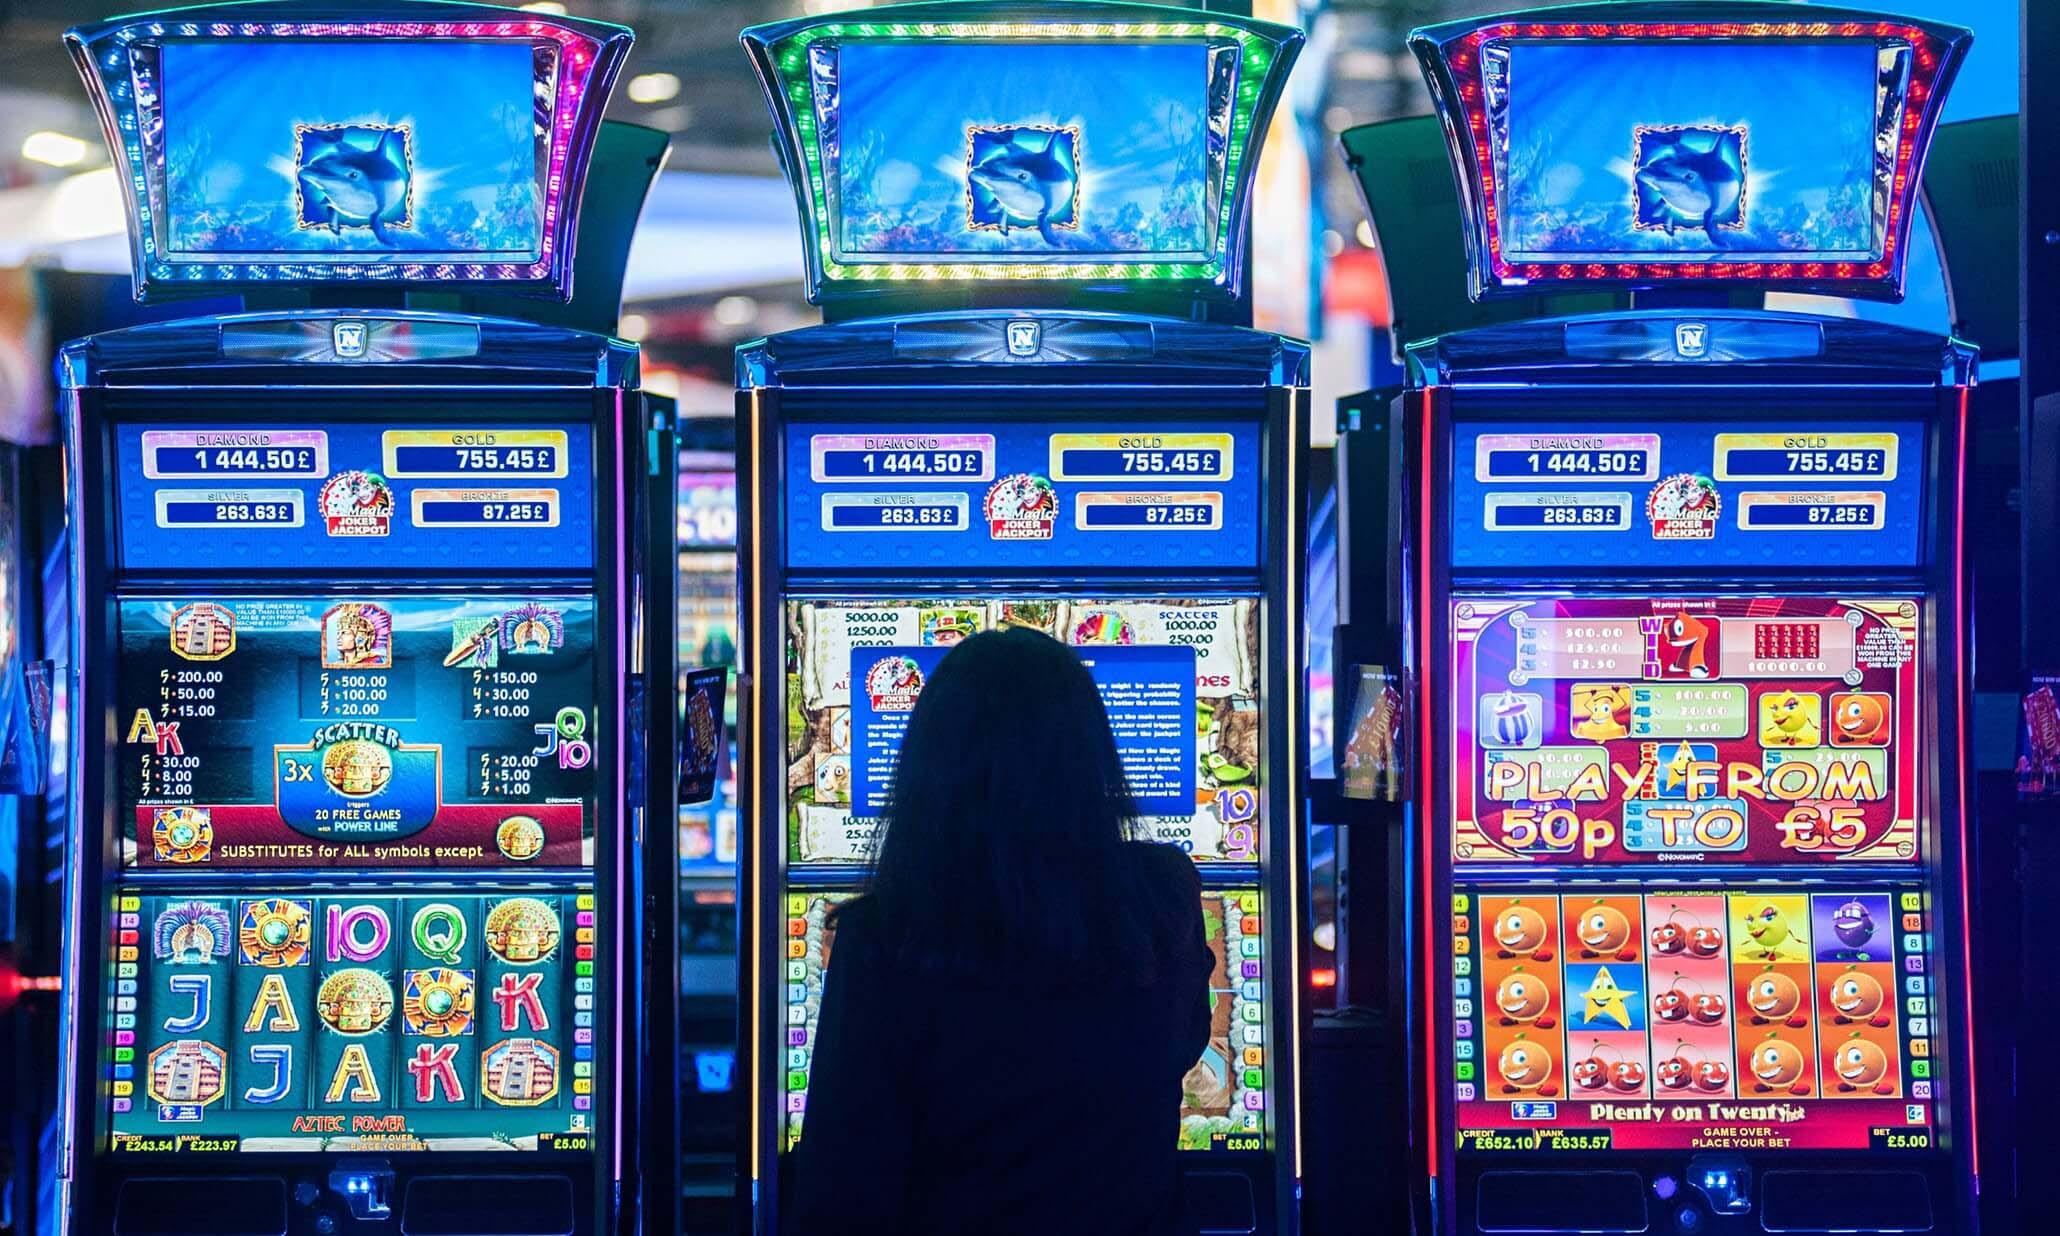 Играть онлайн в аппараты игровые играть в карты онлайн игры бесплатно без регистрации и без скачивания